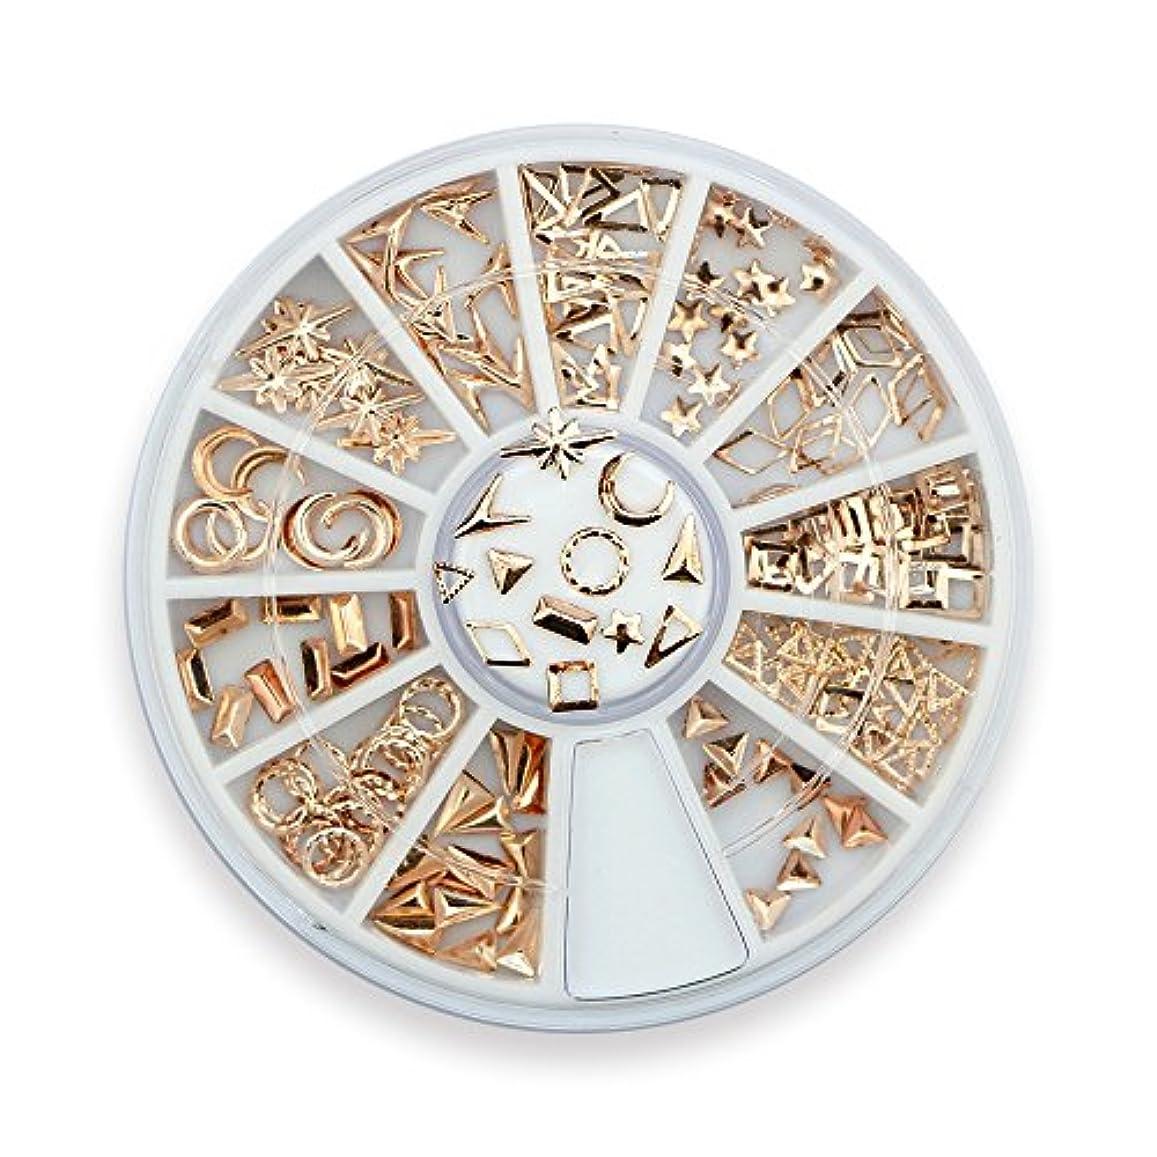 逮捕証拠ばかTakarafune ネイルアート ネイル パーツ ローズゴールド メタルスタッズ セットビジュー ジェルネイル 3Dネイルデコレーション 12種類